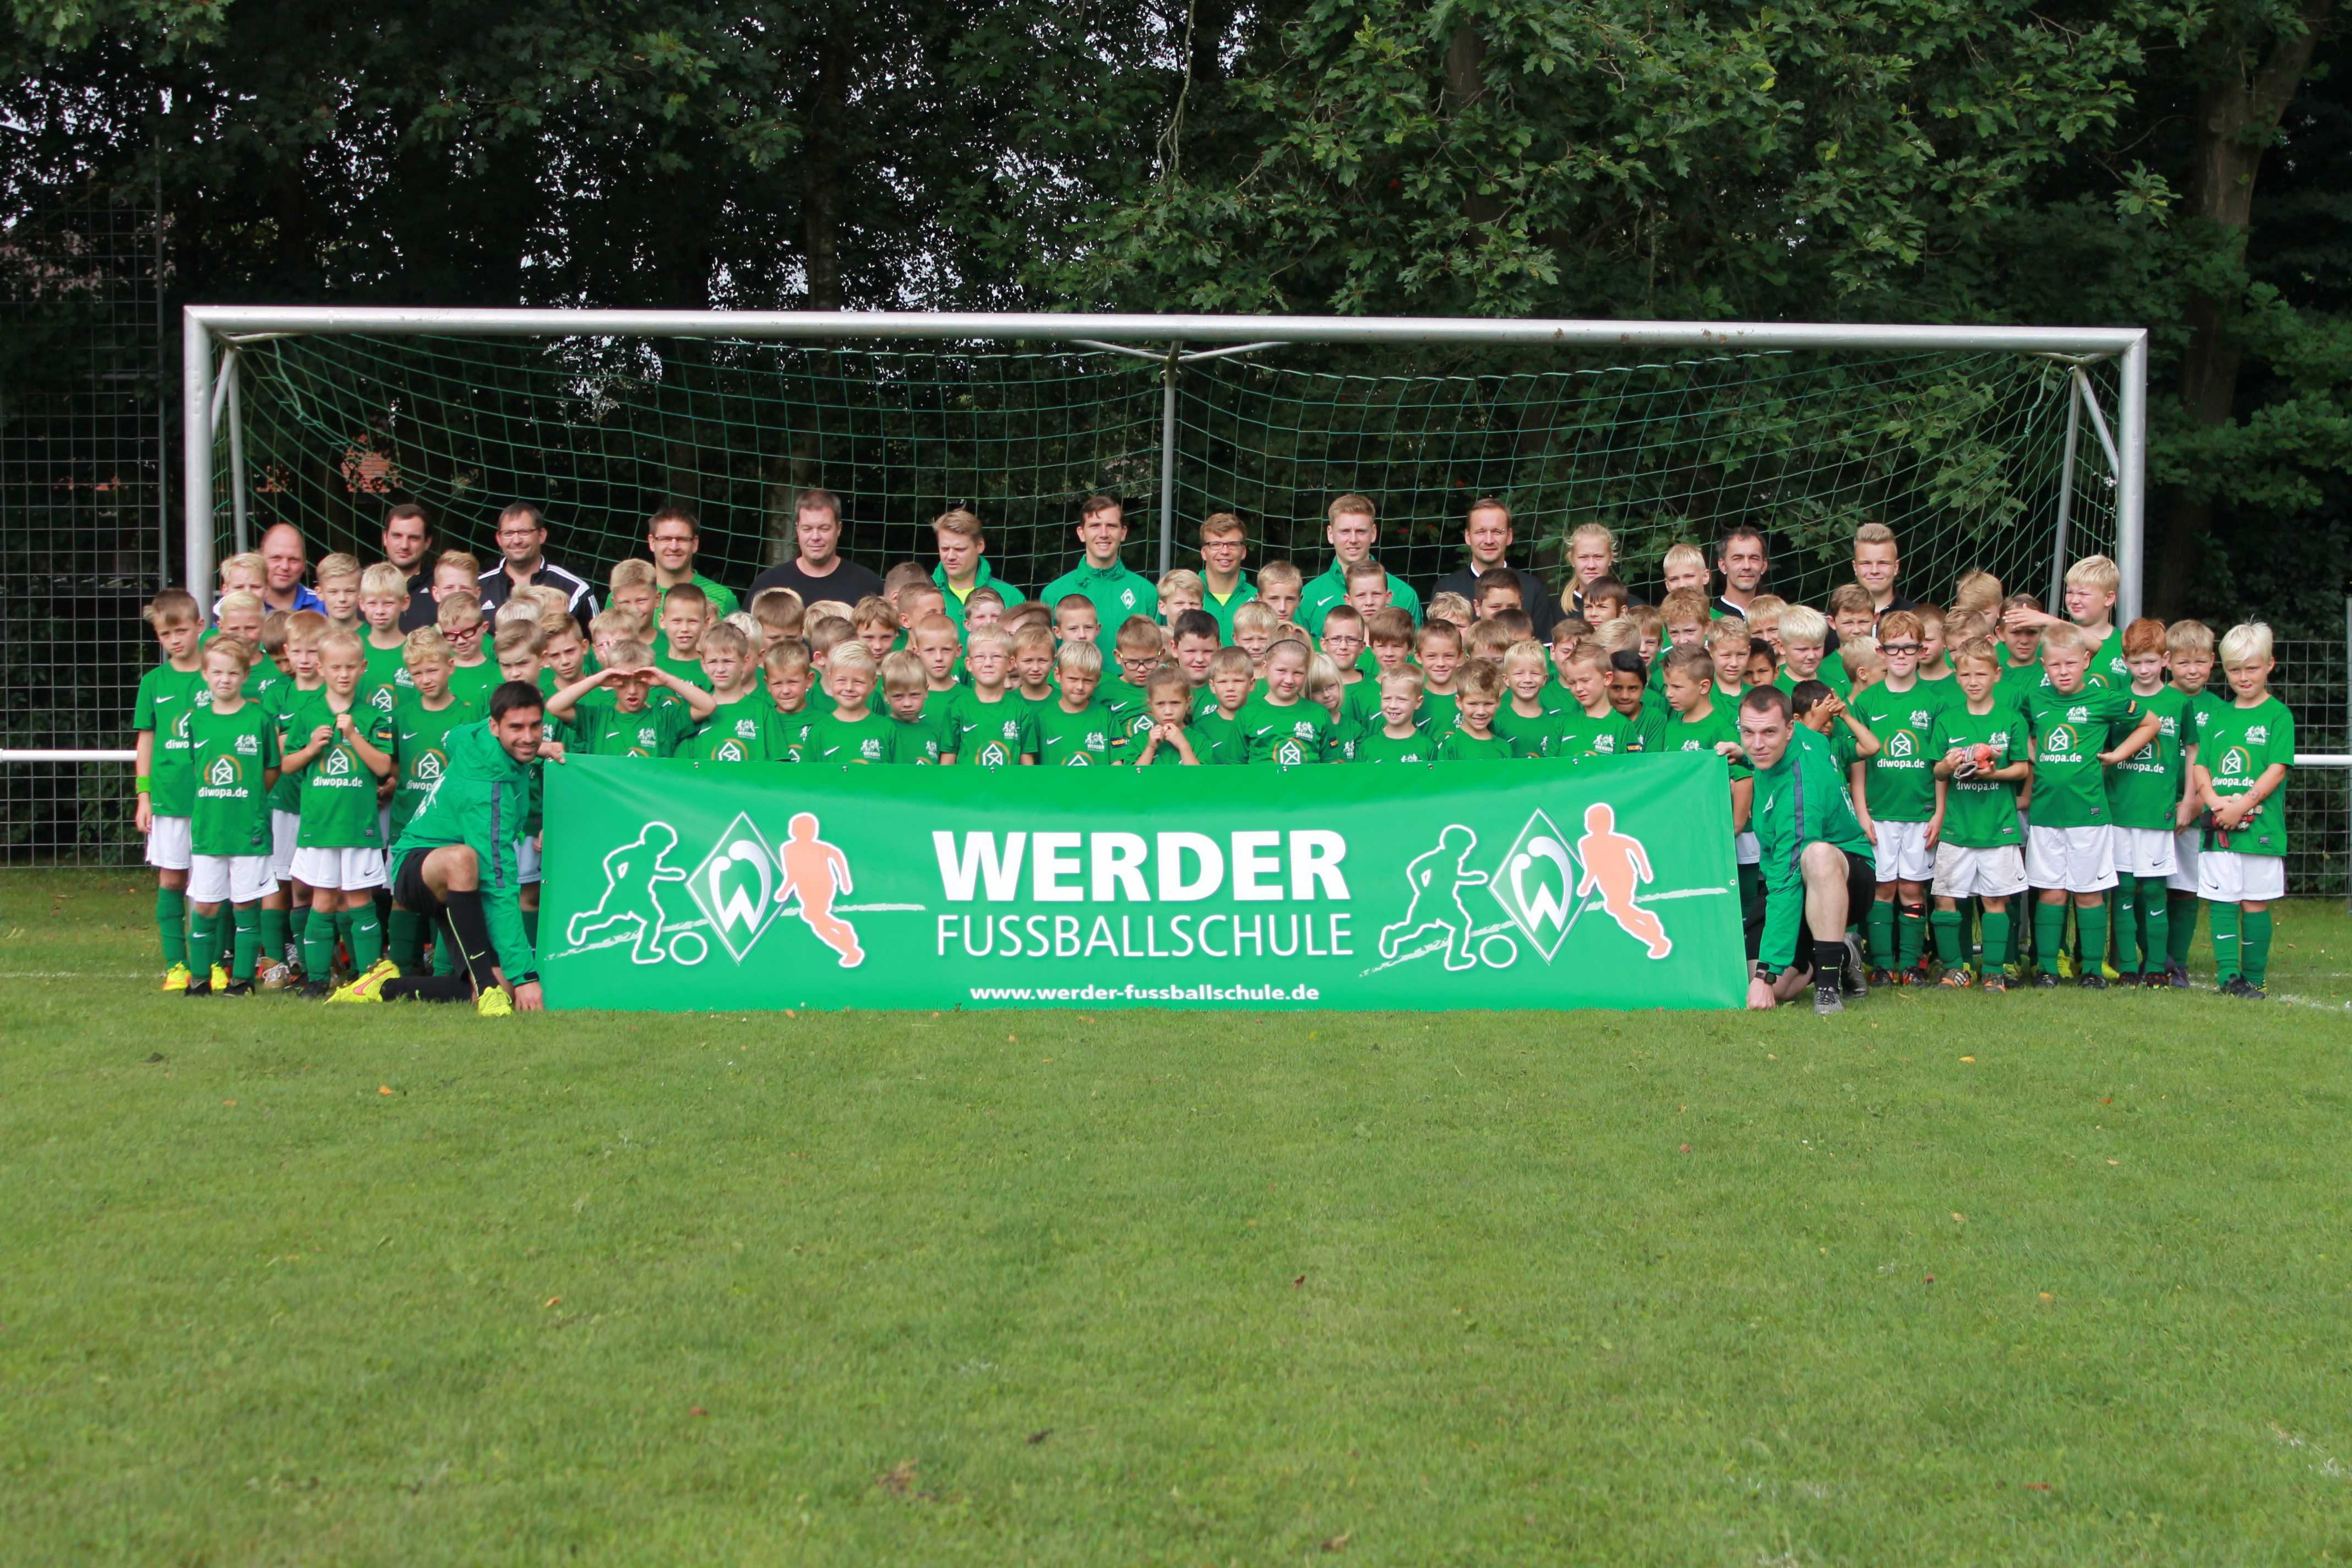 2016-08-13 Werder CAMPontour - Samstag (4)